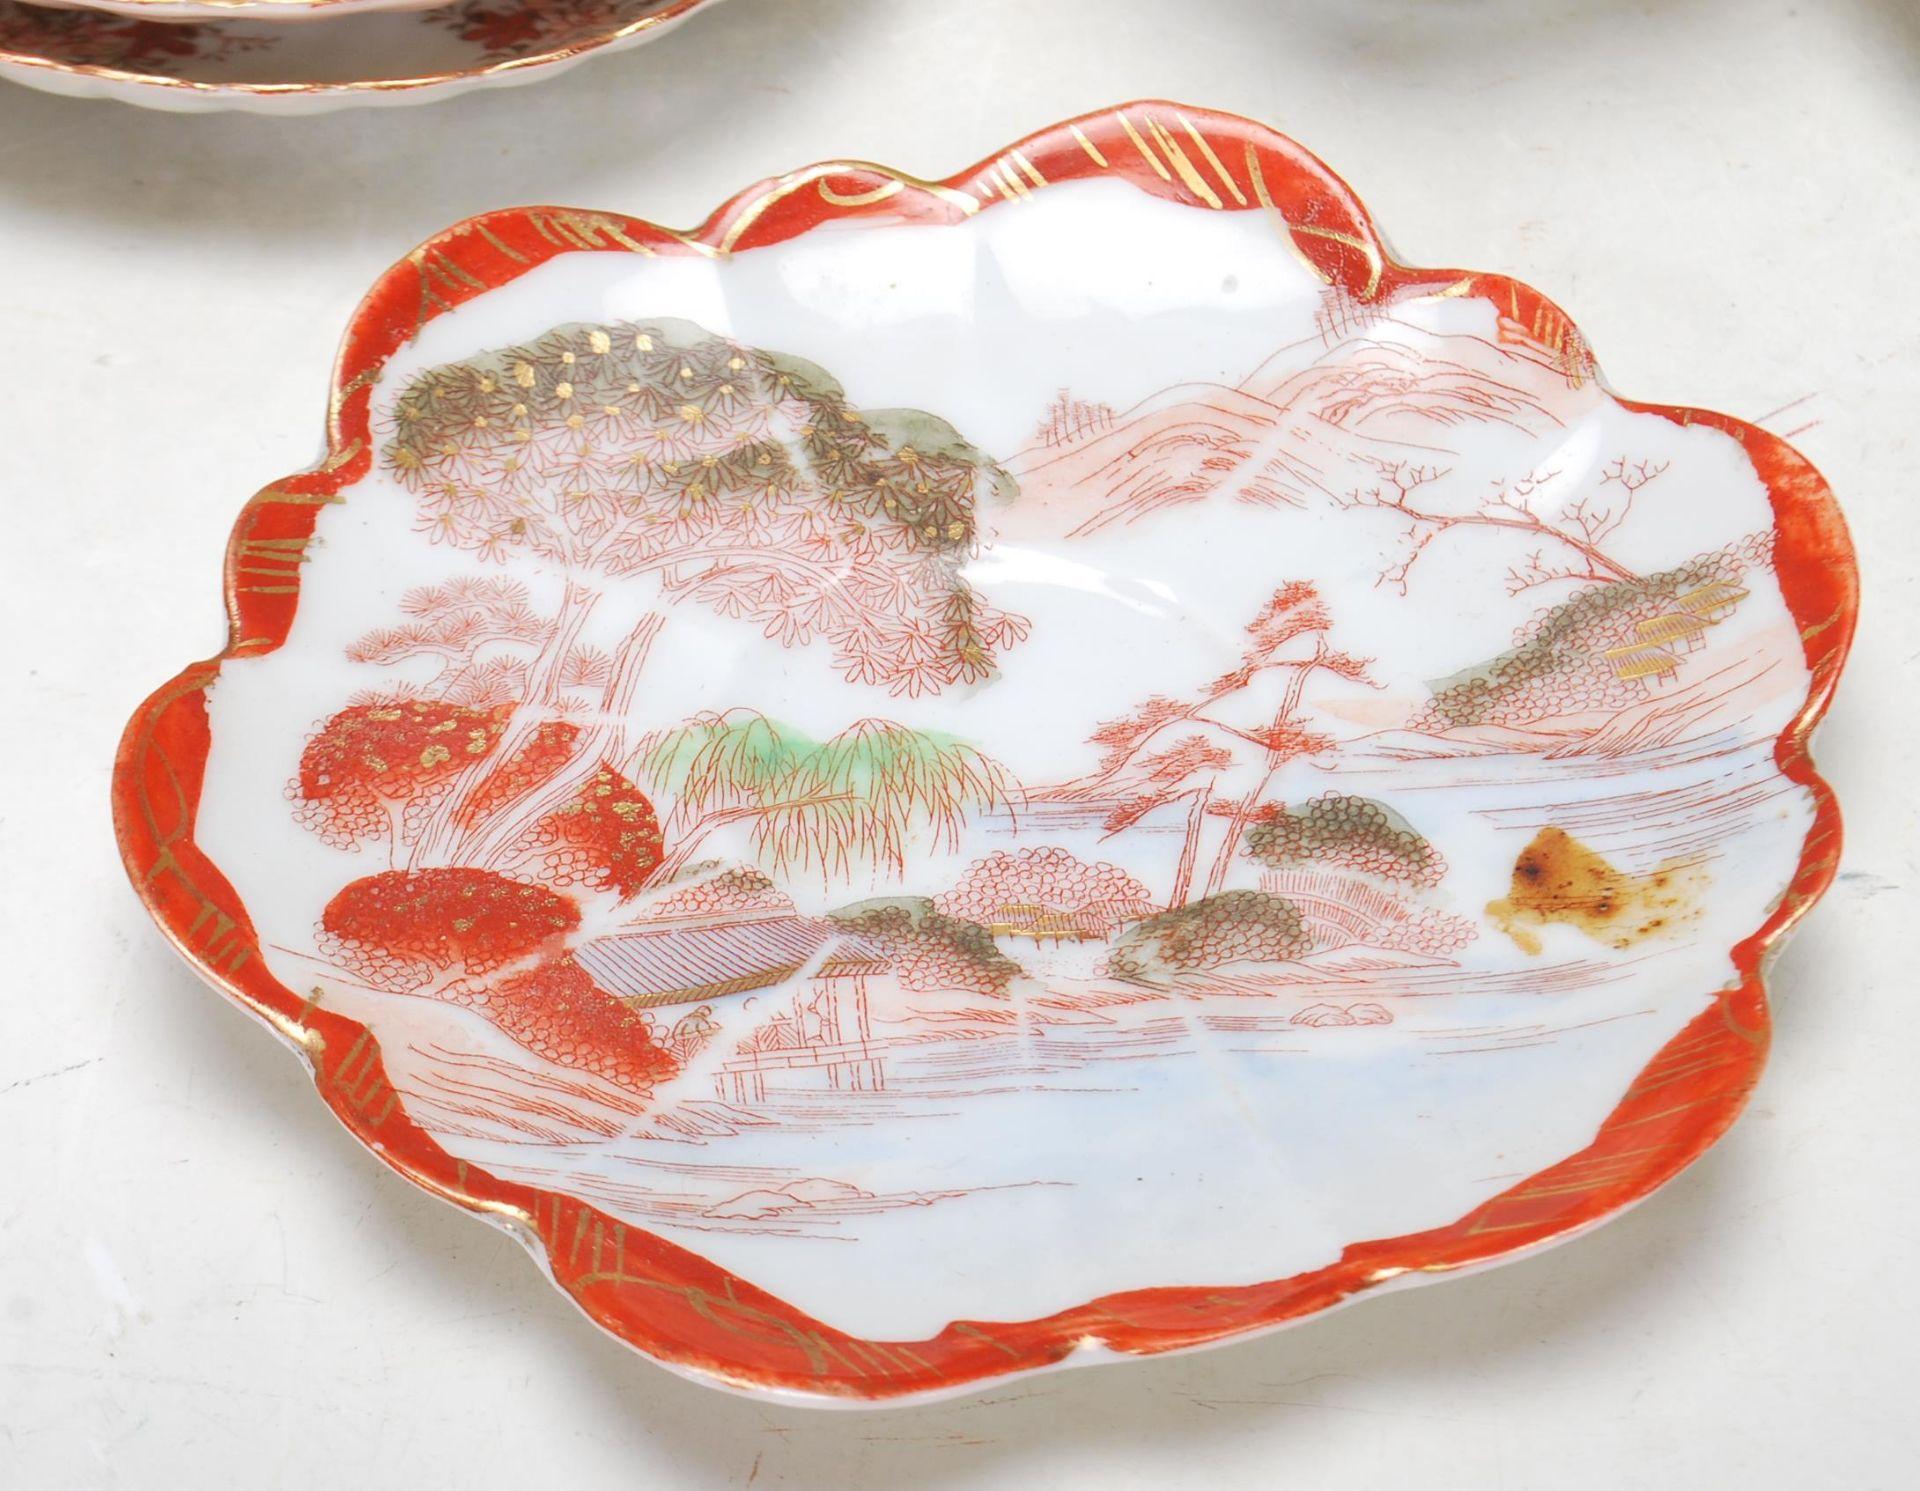 1950'S JAPANESE KUTANI TEA SETS - Image 6 of 12